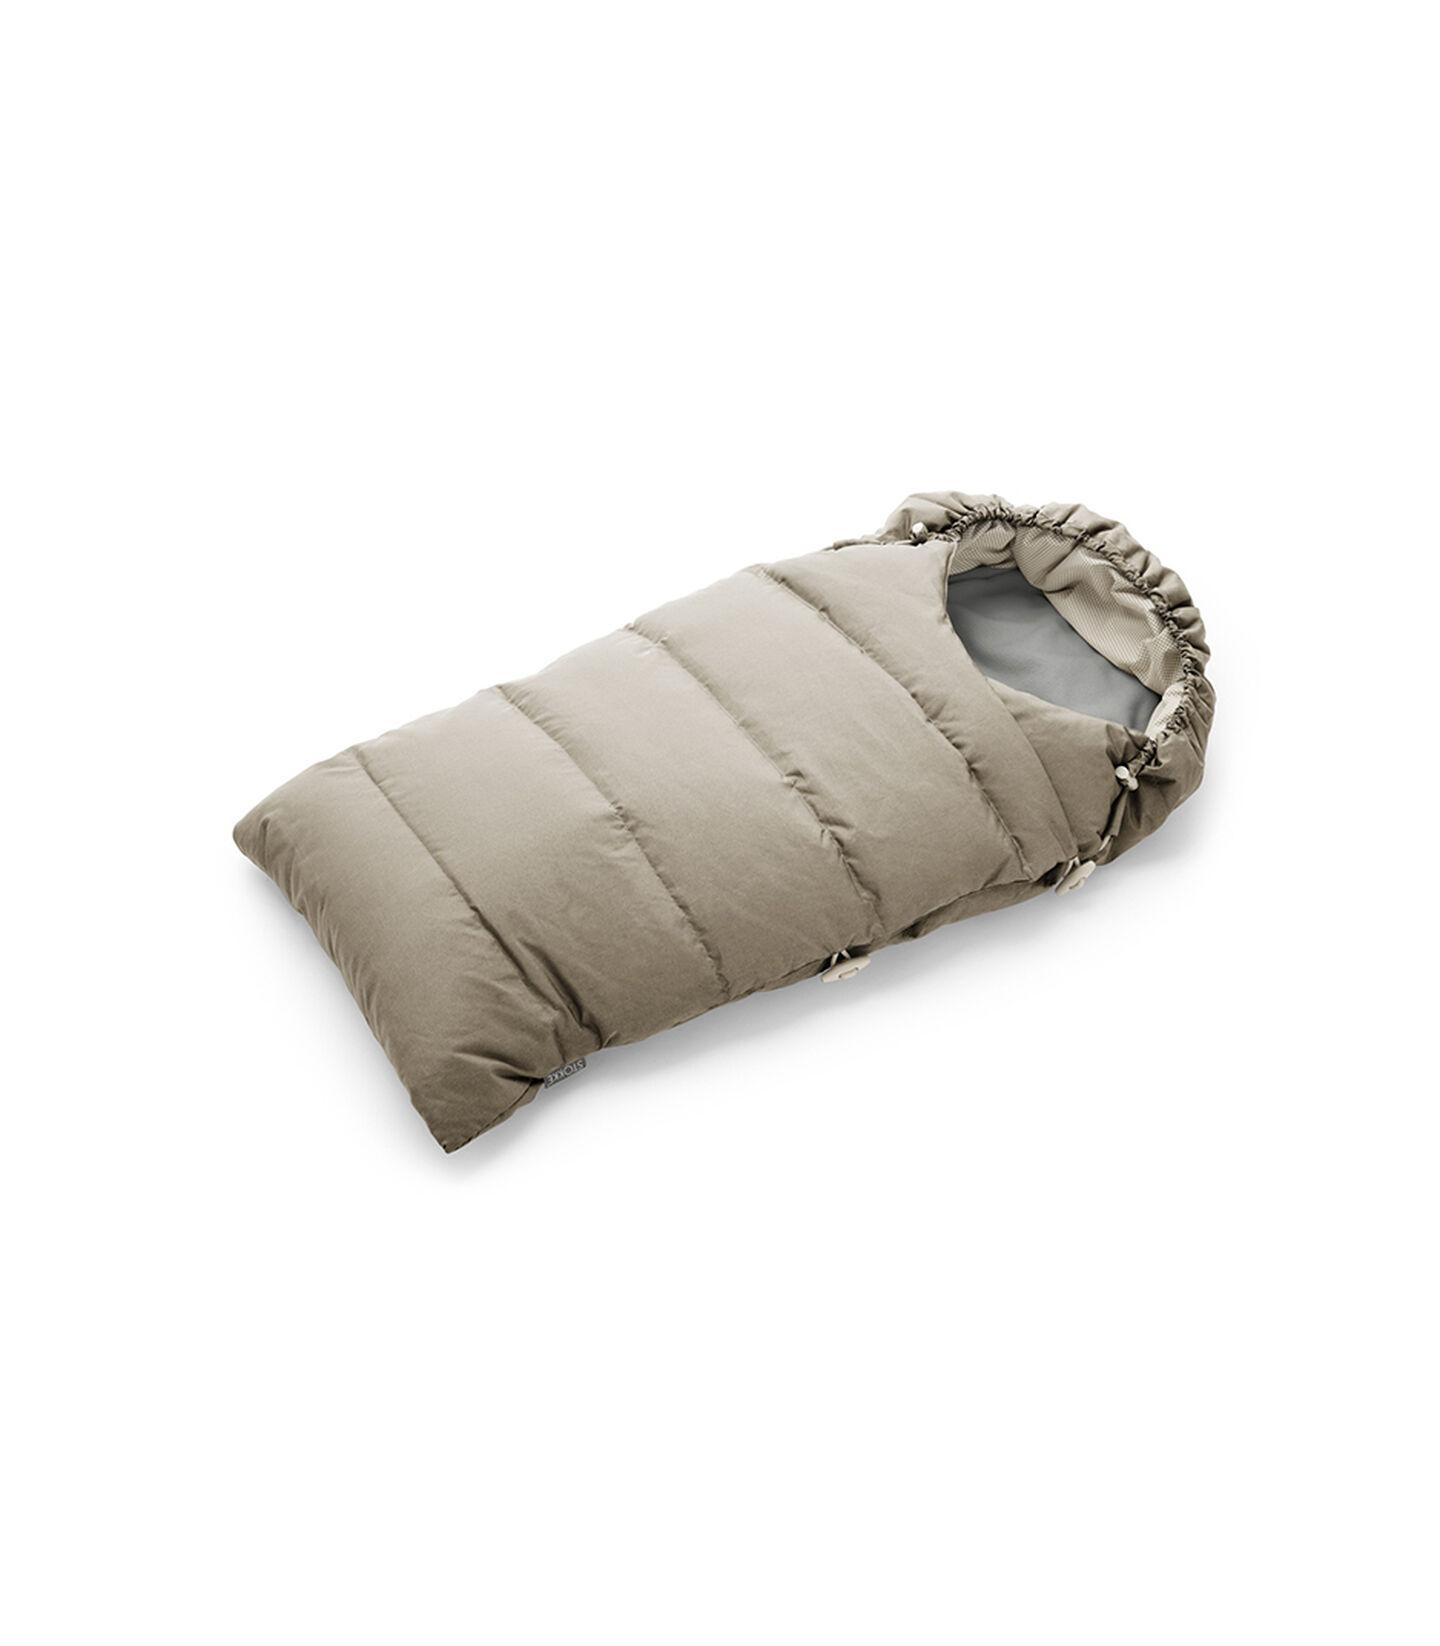 Stokke® Down Sleepingbag, Bronze Brown.